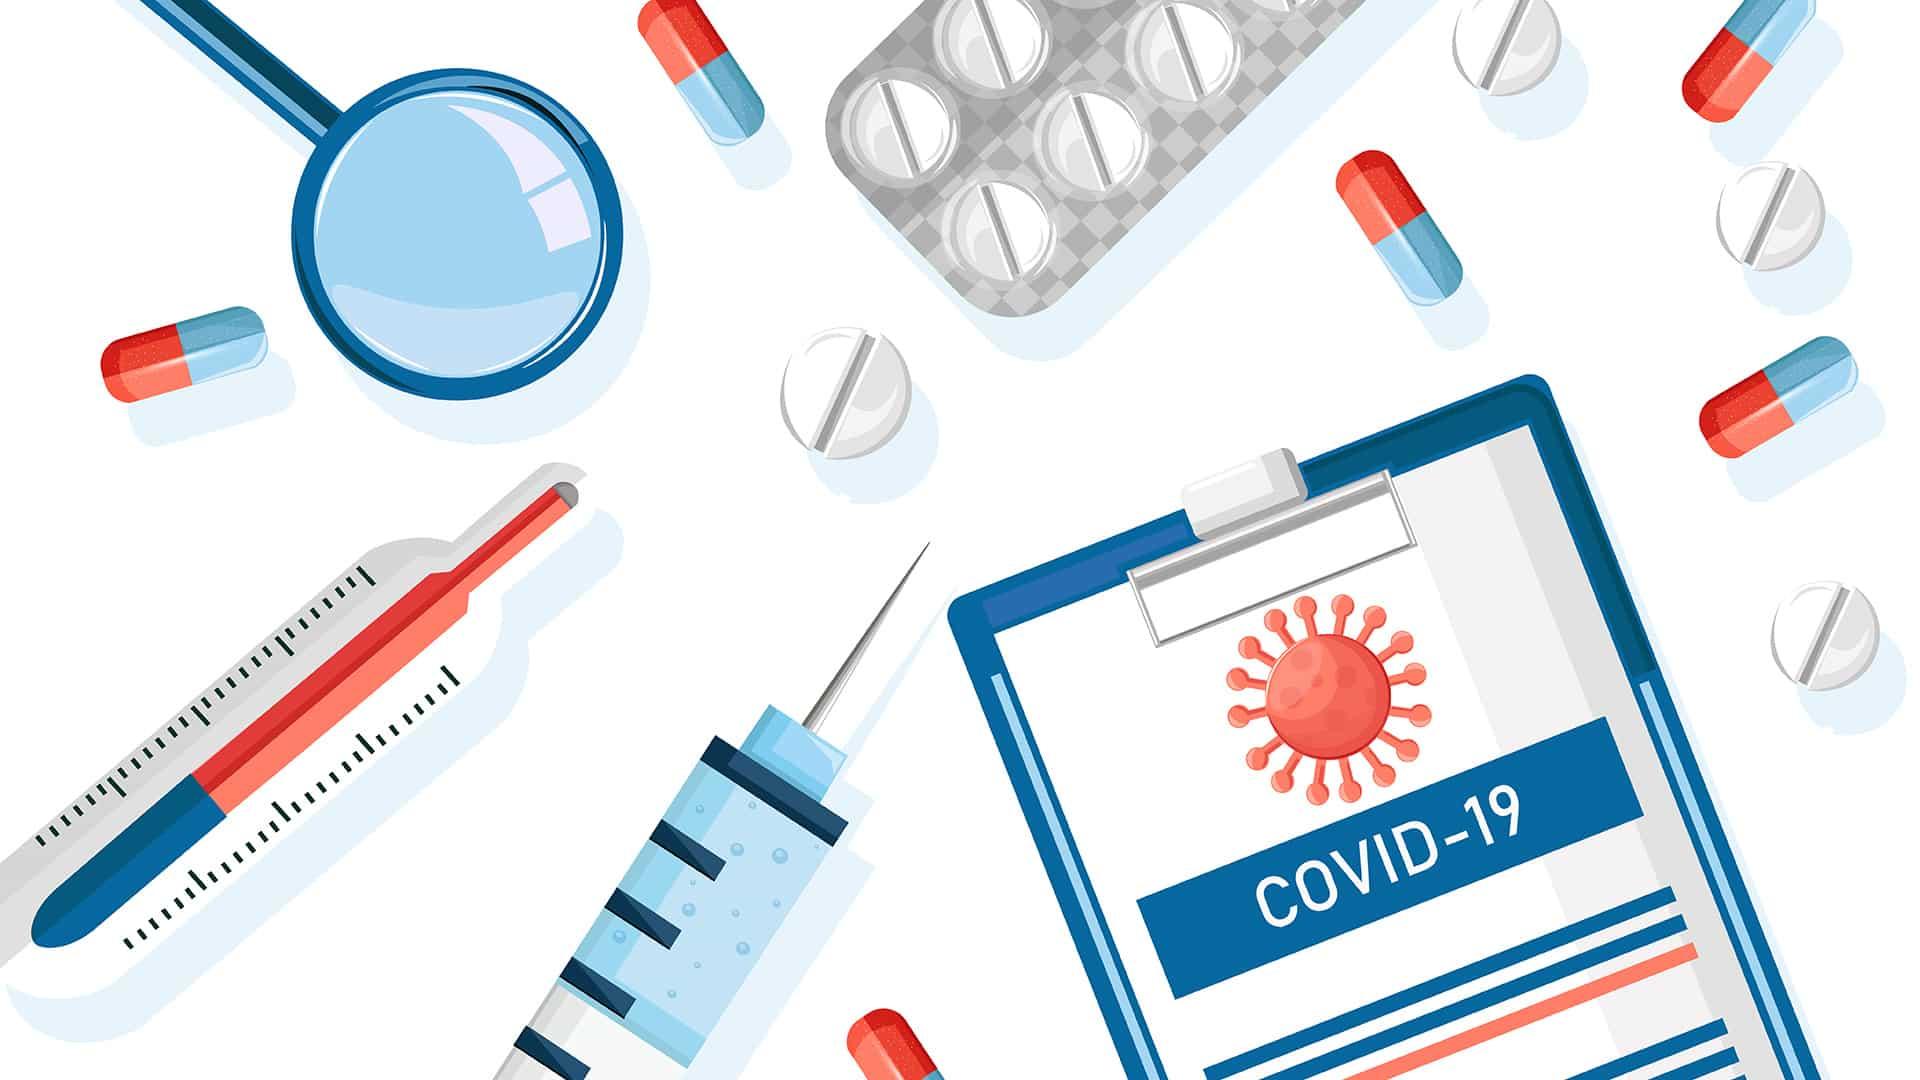 Aspirin, hastanede yatan COVID-19 hastalarında ölüm riskini azaltabilir mi